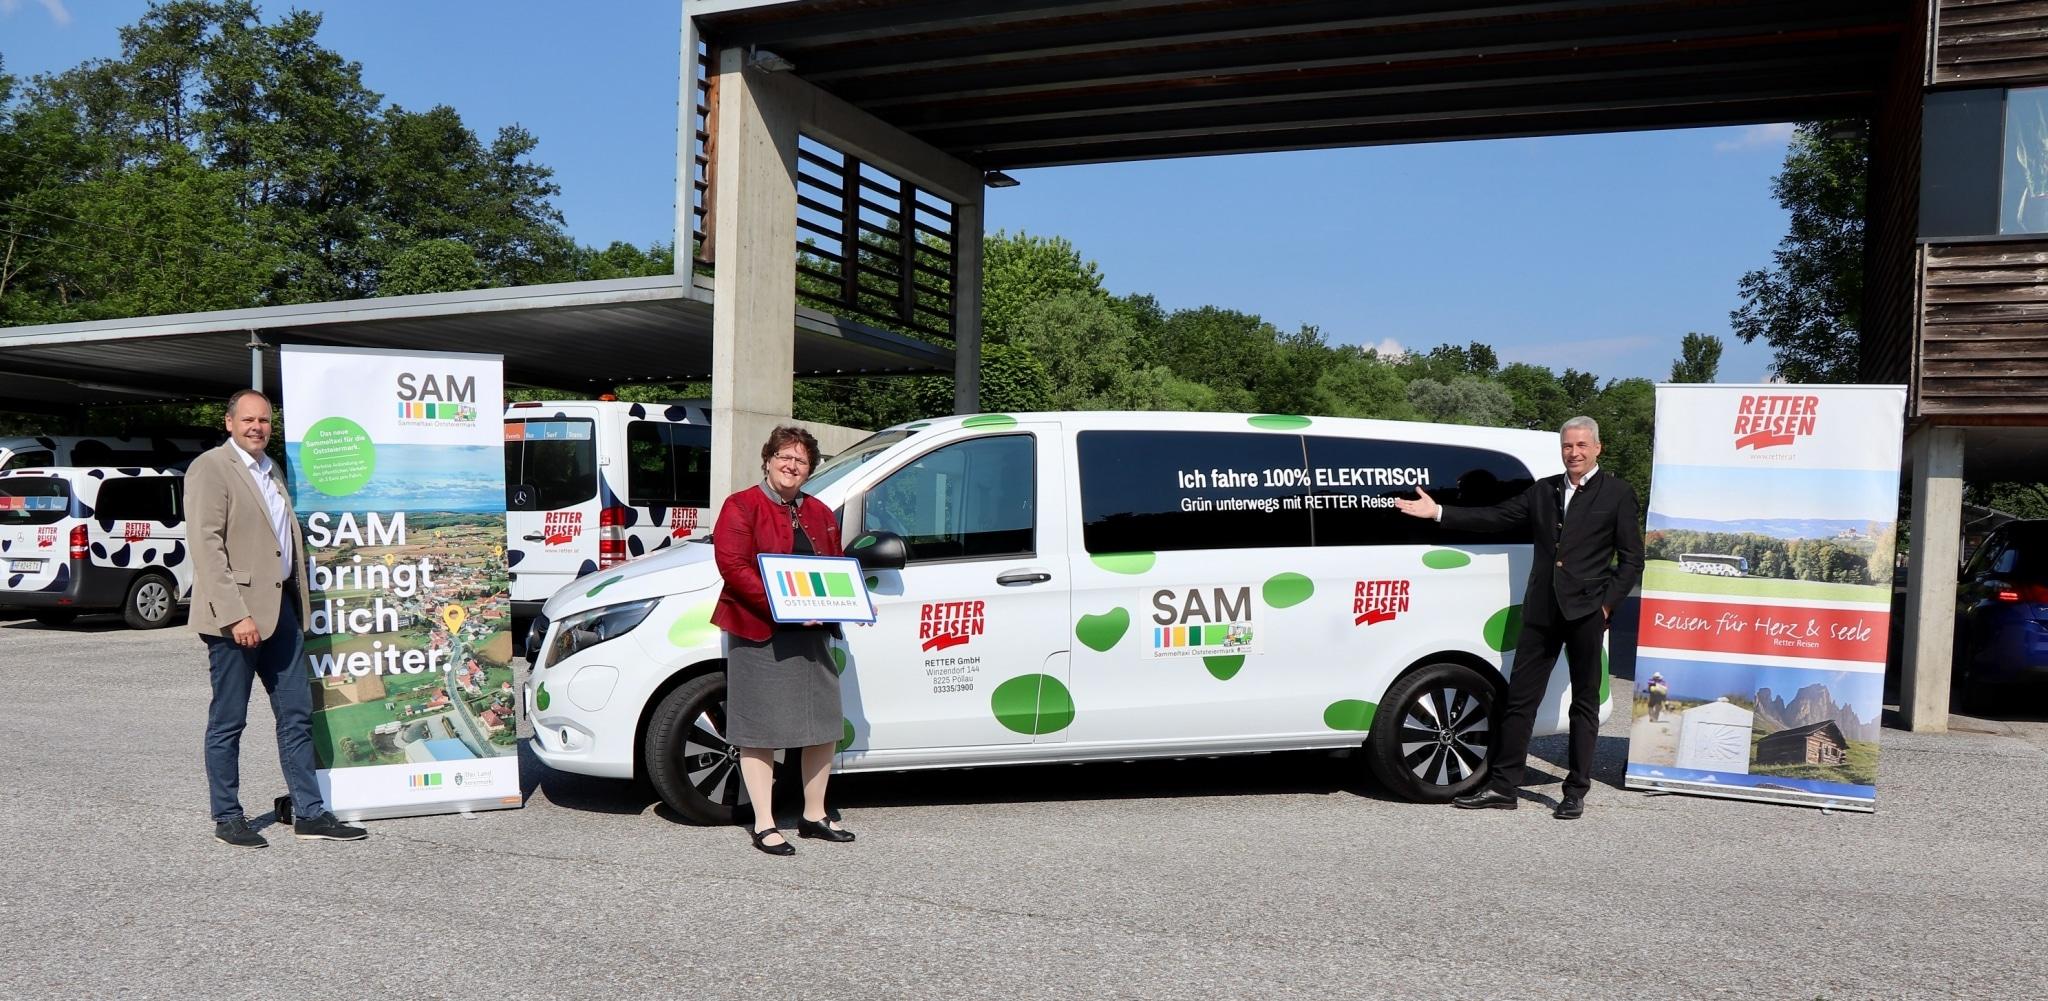 Elektro-SAM-Taxi: DI Franz Kneißl (GF Regionalentwicklung Oststeiermark), LAbg. Bgm. Silvia Karelly (Vorsitzende des Regionalverbandes Oststeiermark), Hermann Retter